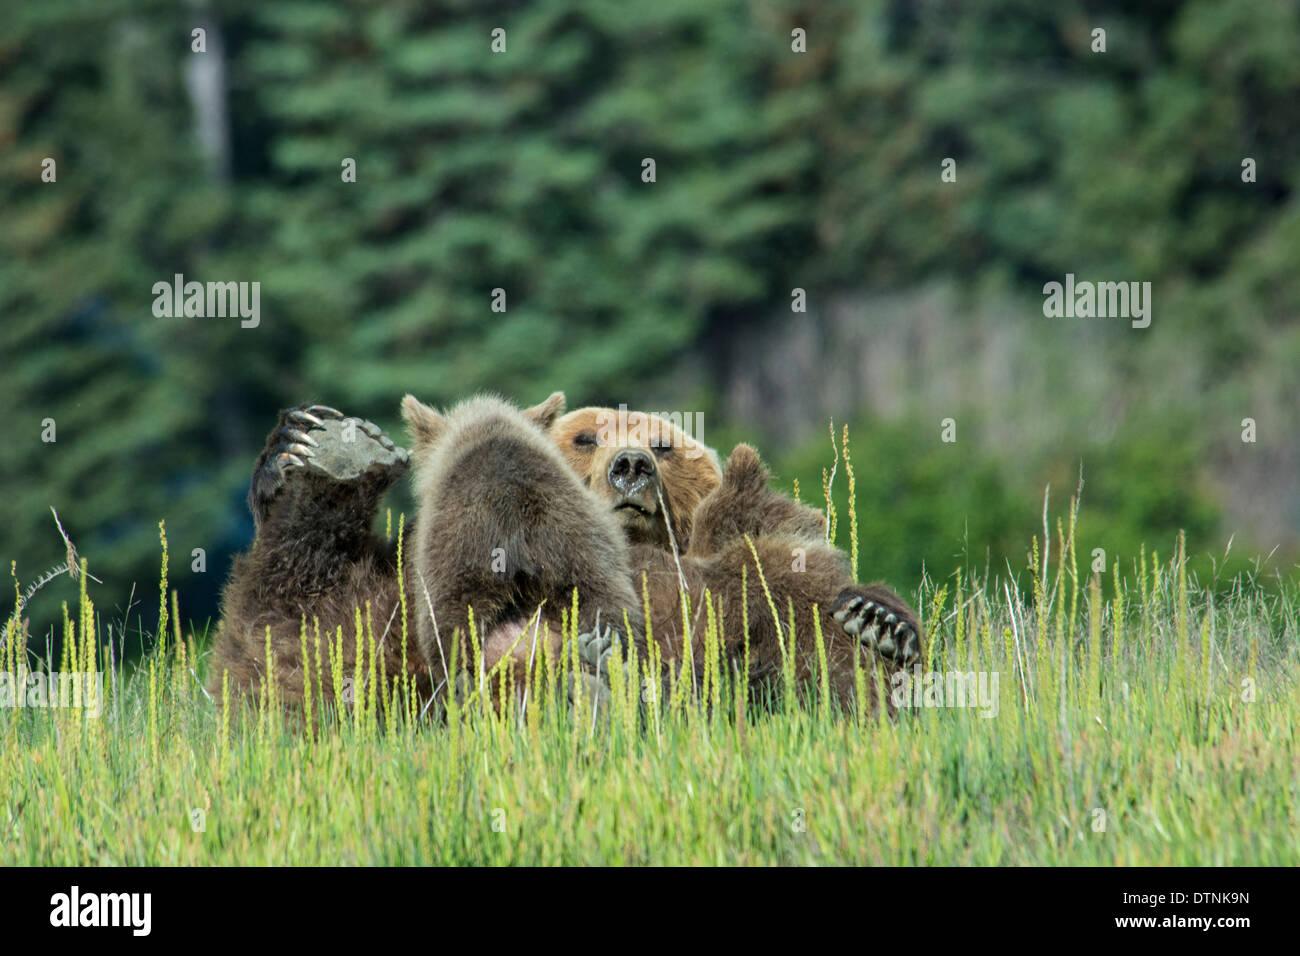 Orso grizzly seminare, Ursus arctos, sulla sua schiena, infermieristica due cuccioli a molla, il Parco Nazionale del Lago Clark, Alaska, STATI UNITI D'AMERICA Immagini Stock